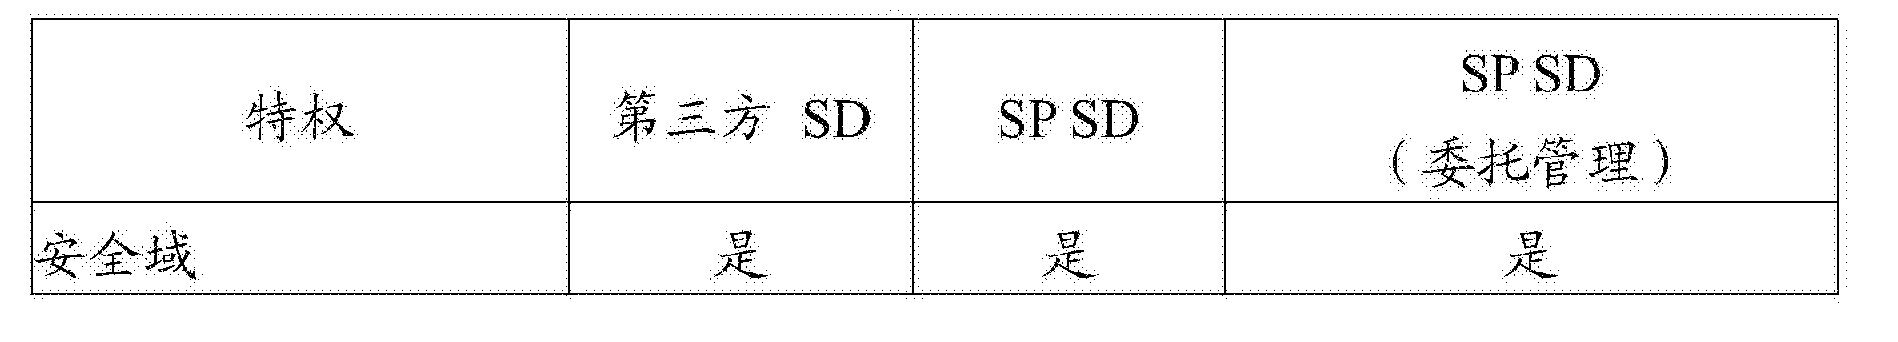 Figure CN104395909BD00312